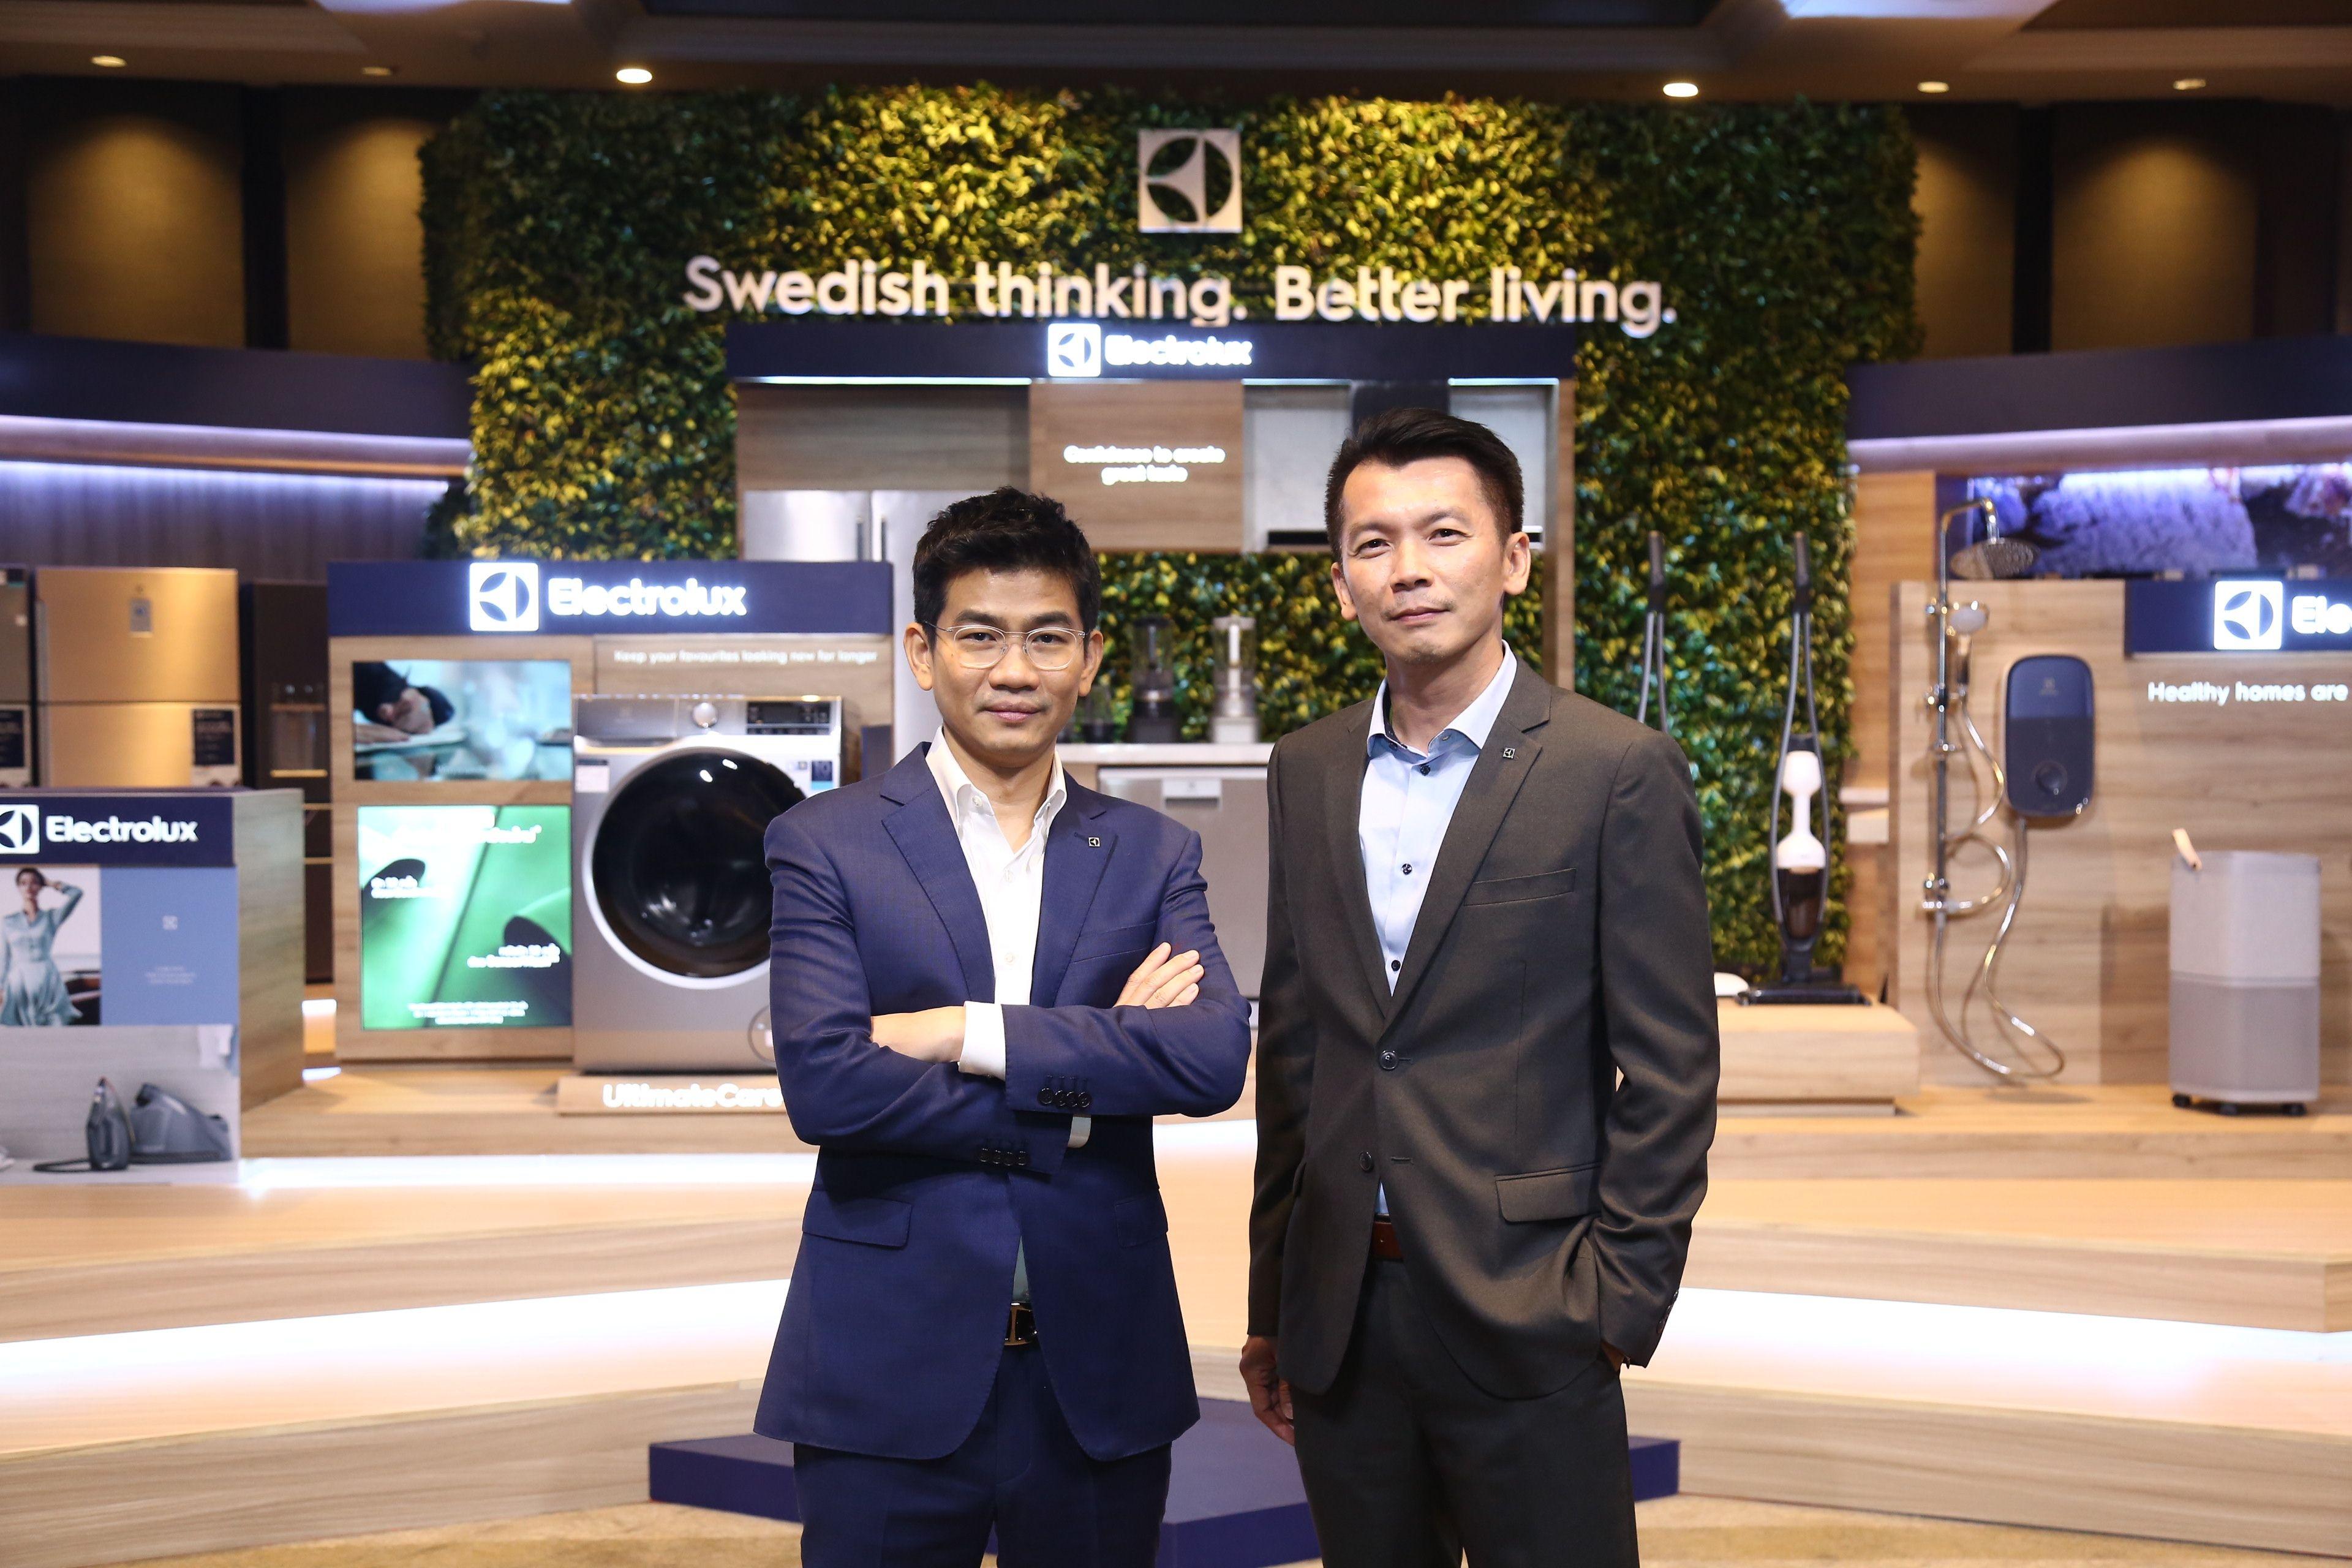 """อีเลคโทรลักซ์"""" ตอกย้ำแนวคิดสวีเดนเพื่อชีวิตที่ดีกว่า Swedish thinking. Better living."""